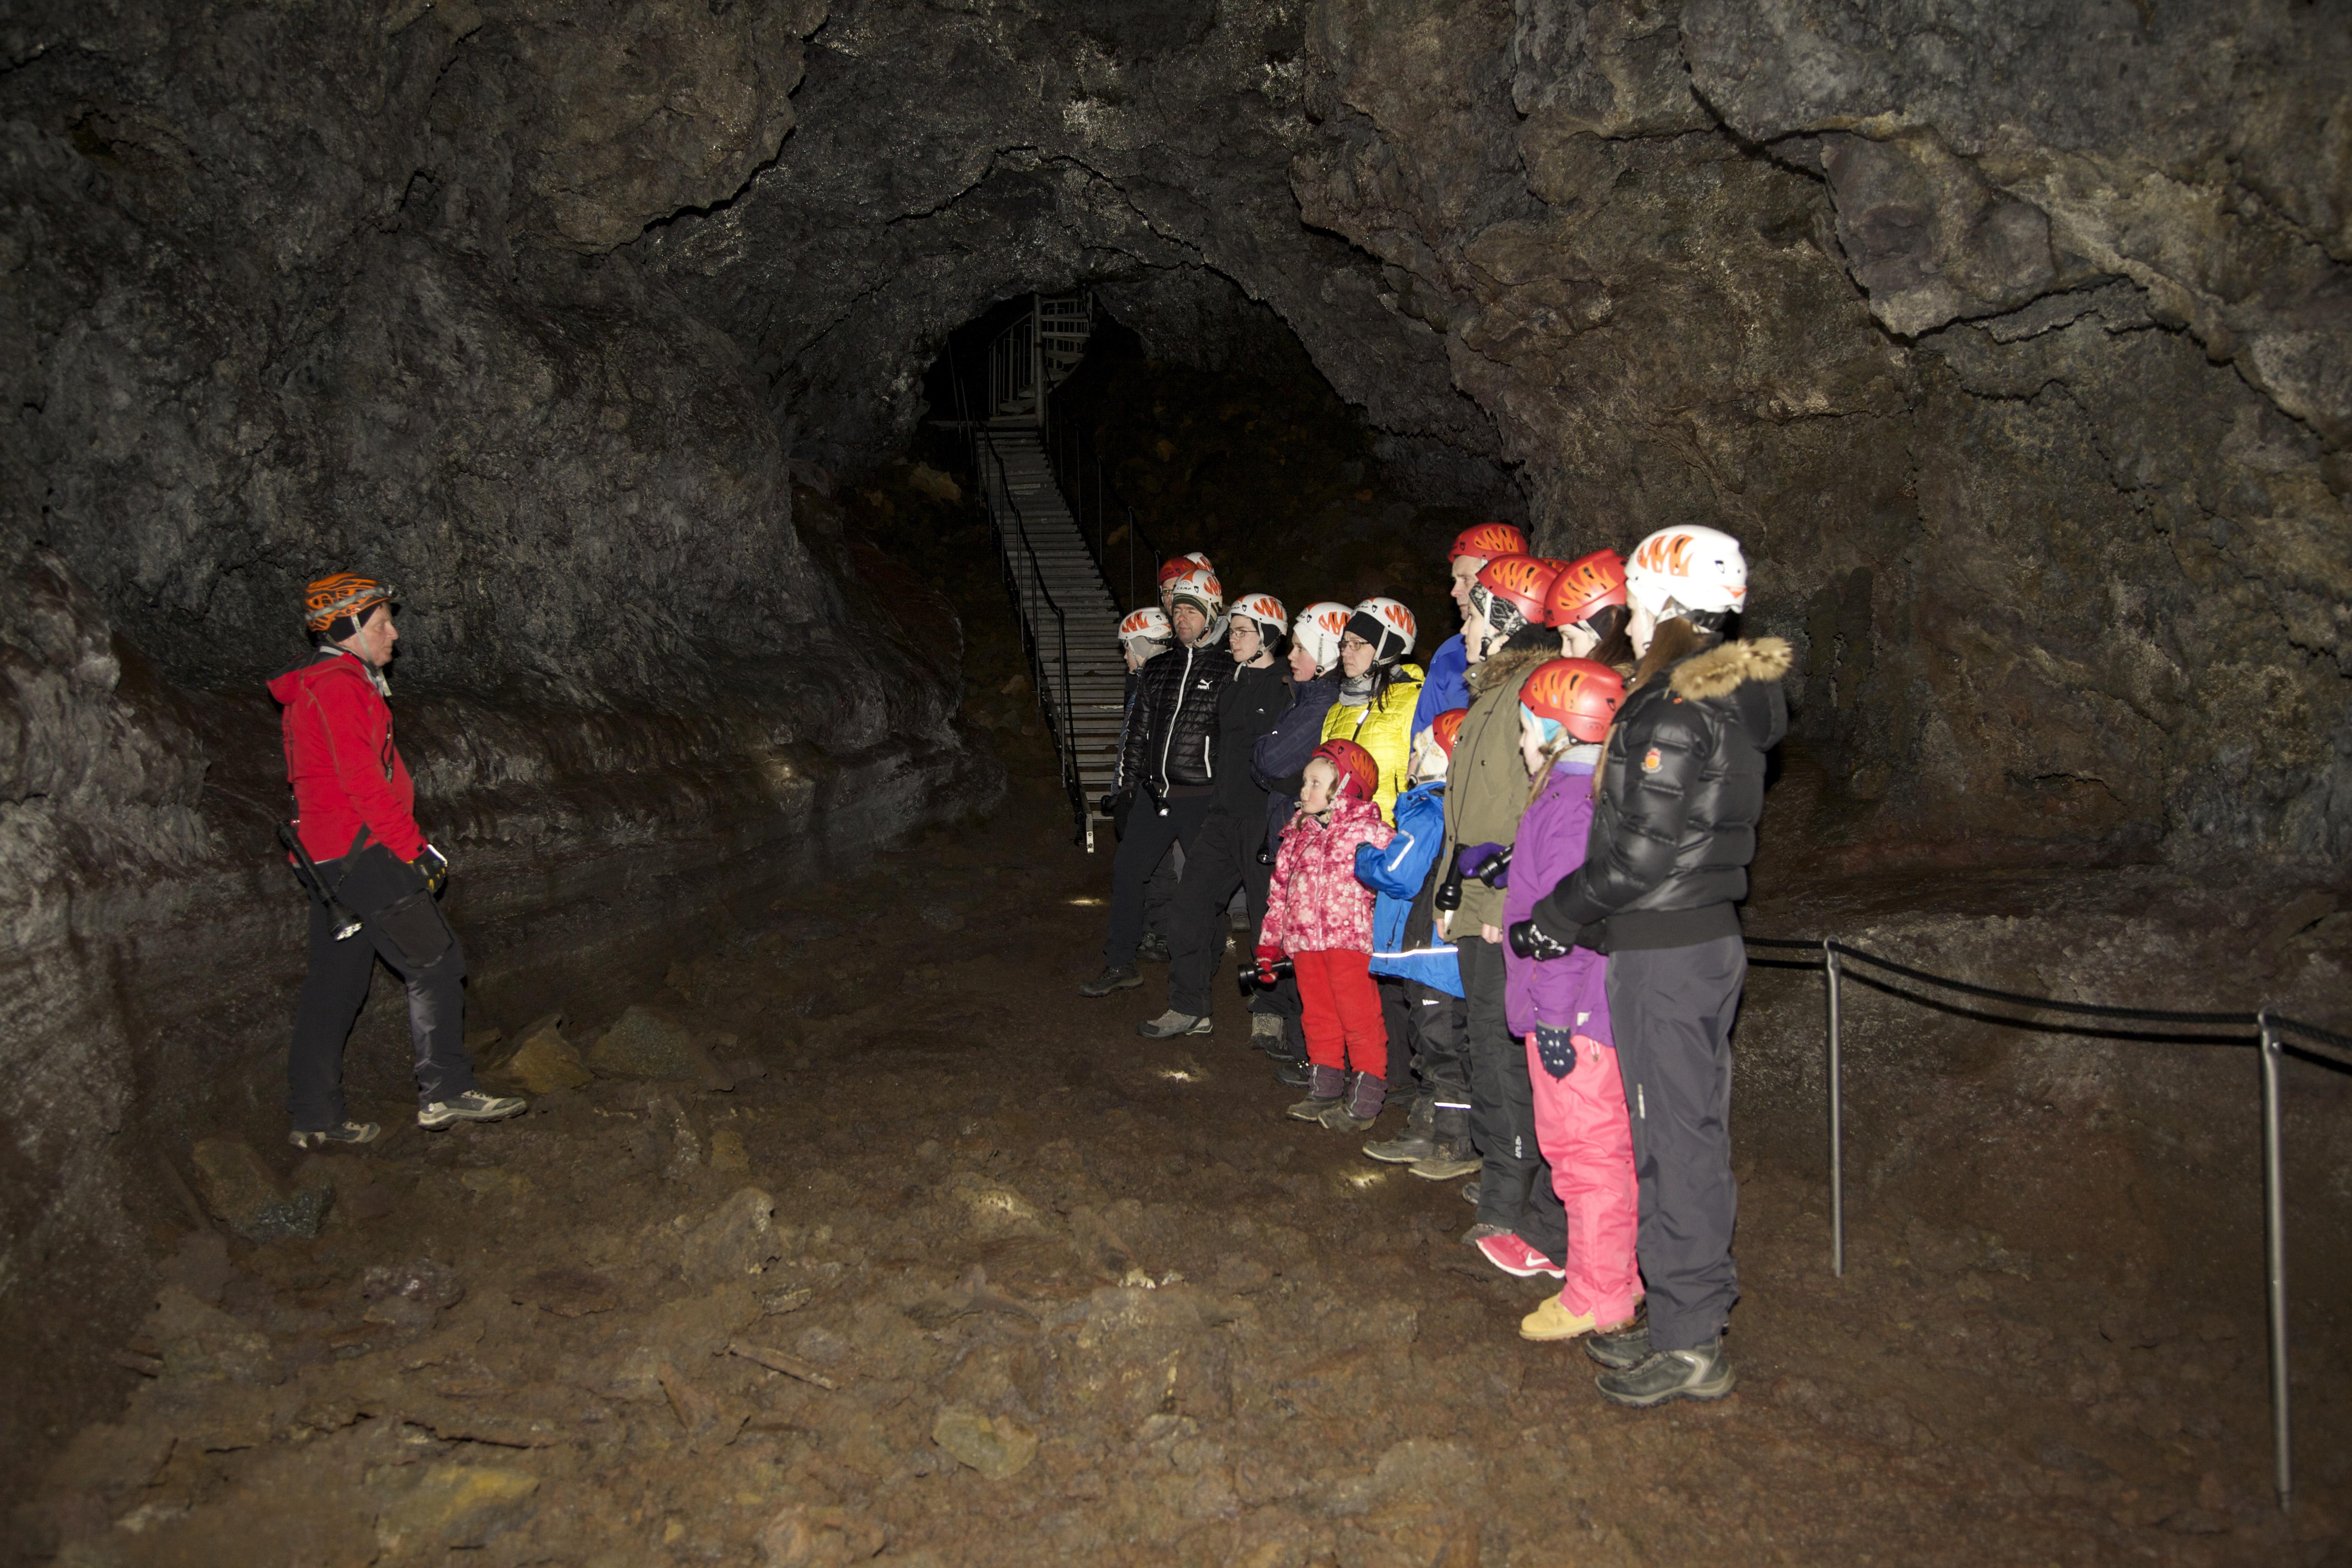 Descenso al inframundo | Excursión a la cueva Vatnshellir